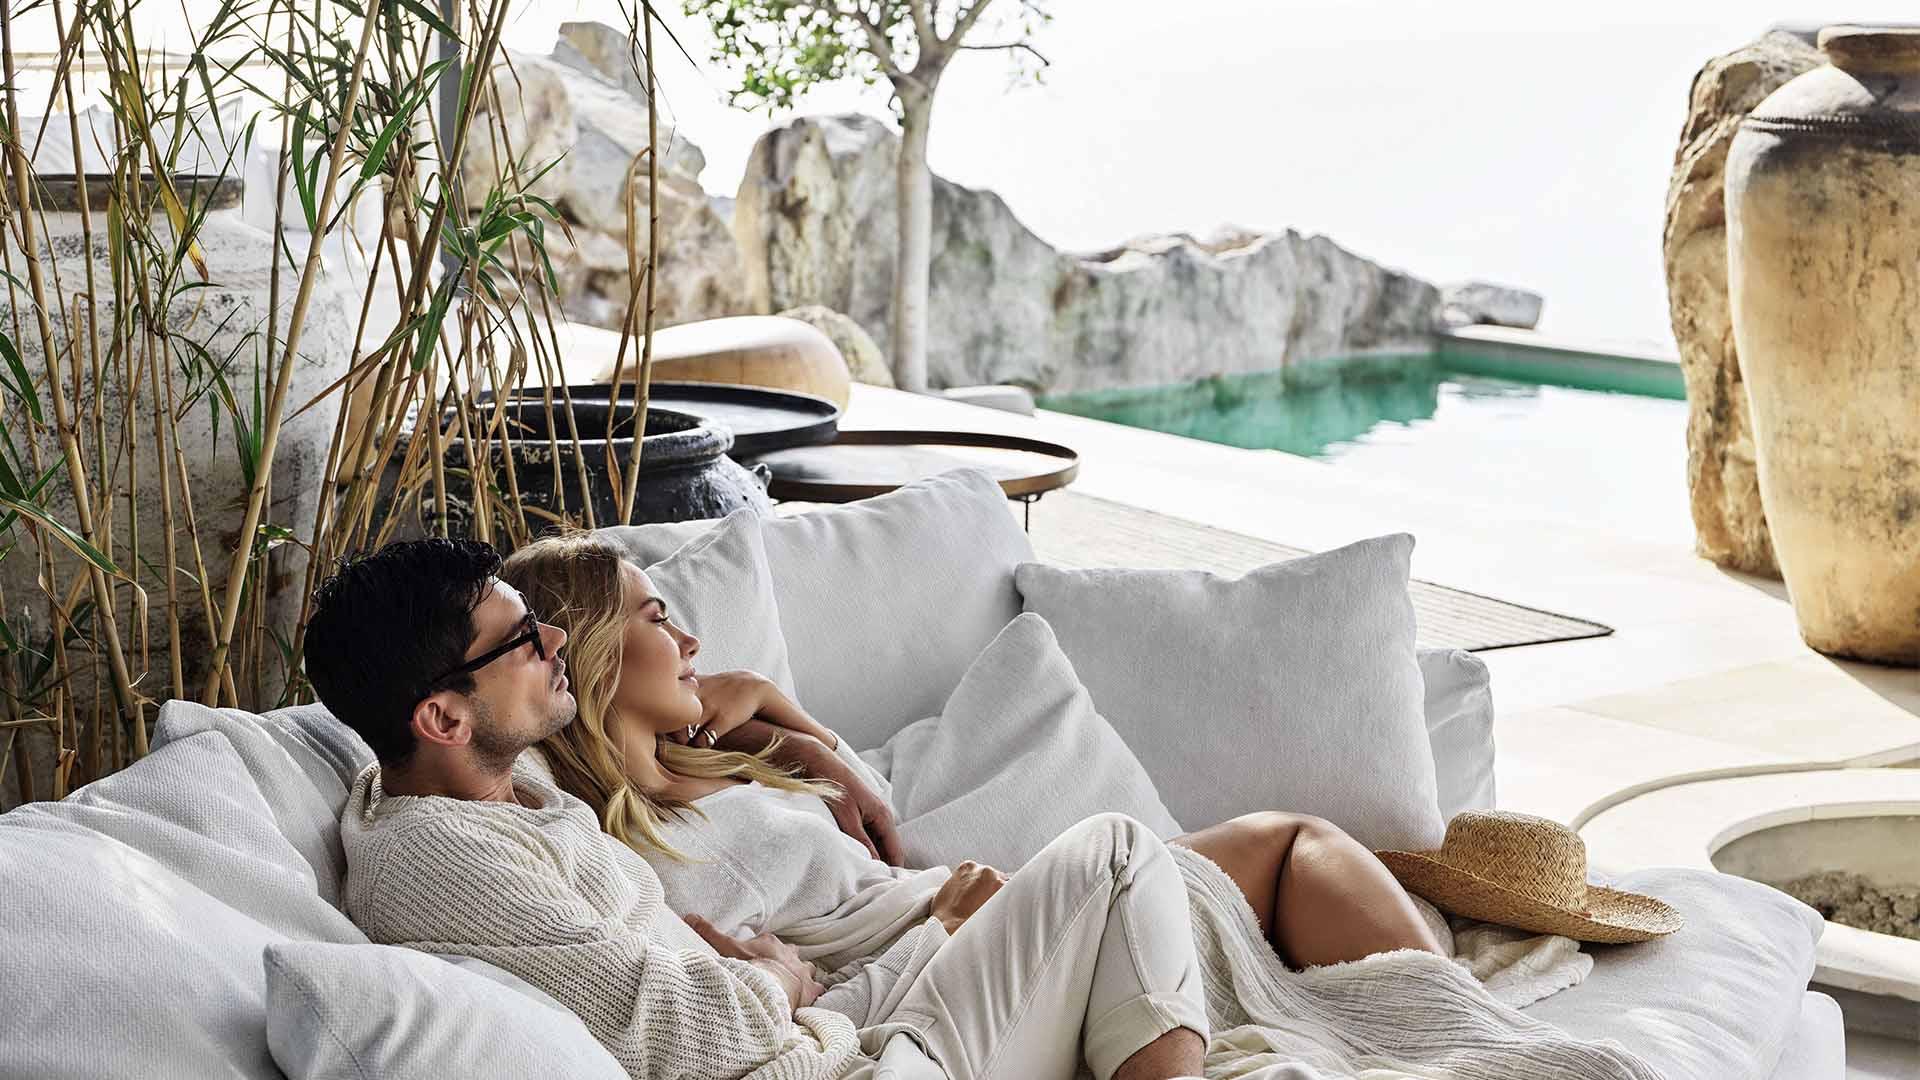 Ultimate honeymoon inspiration